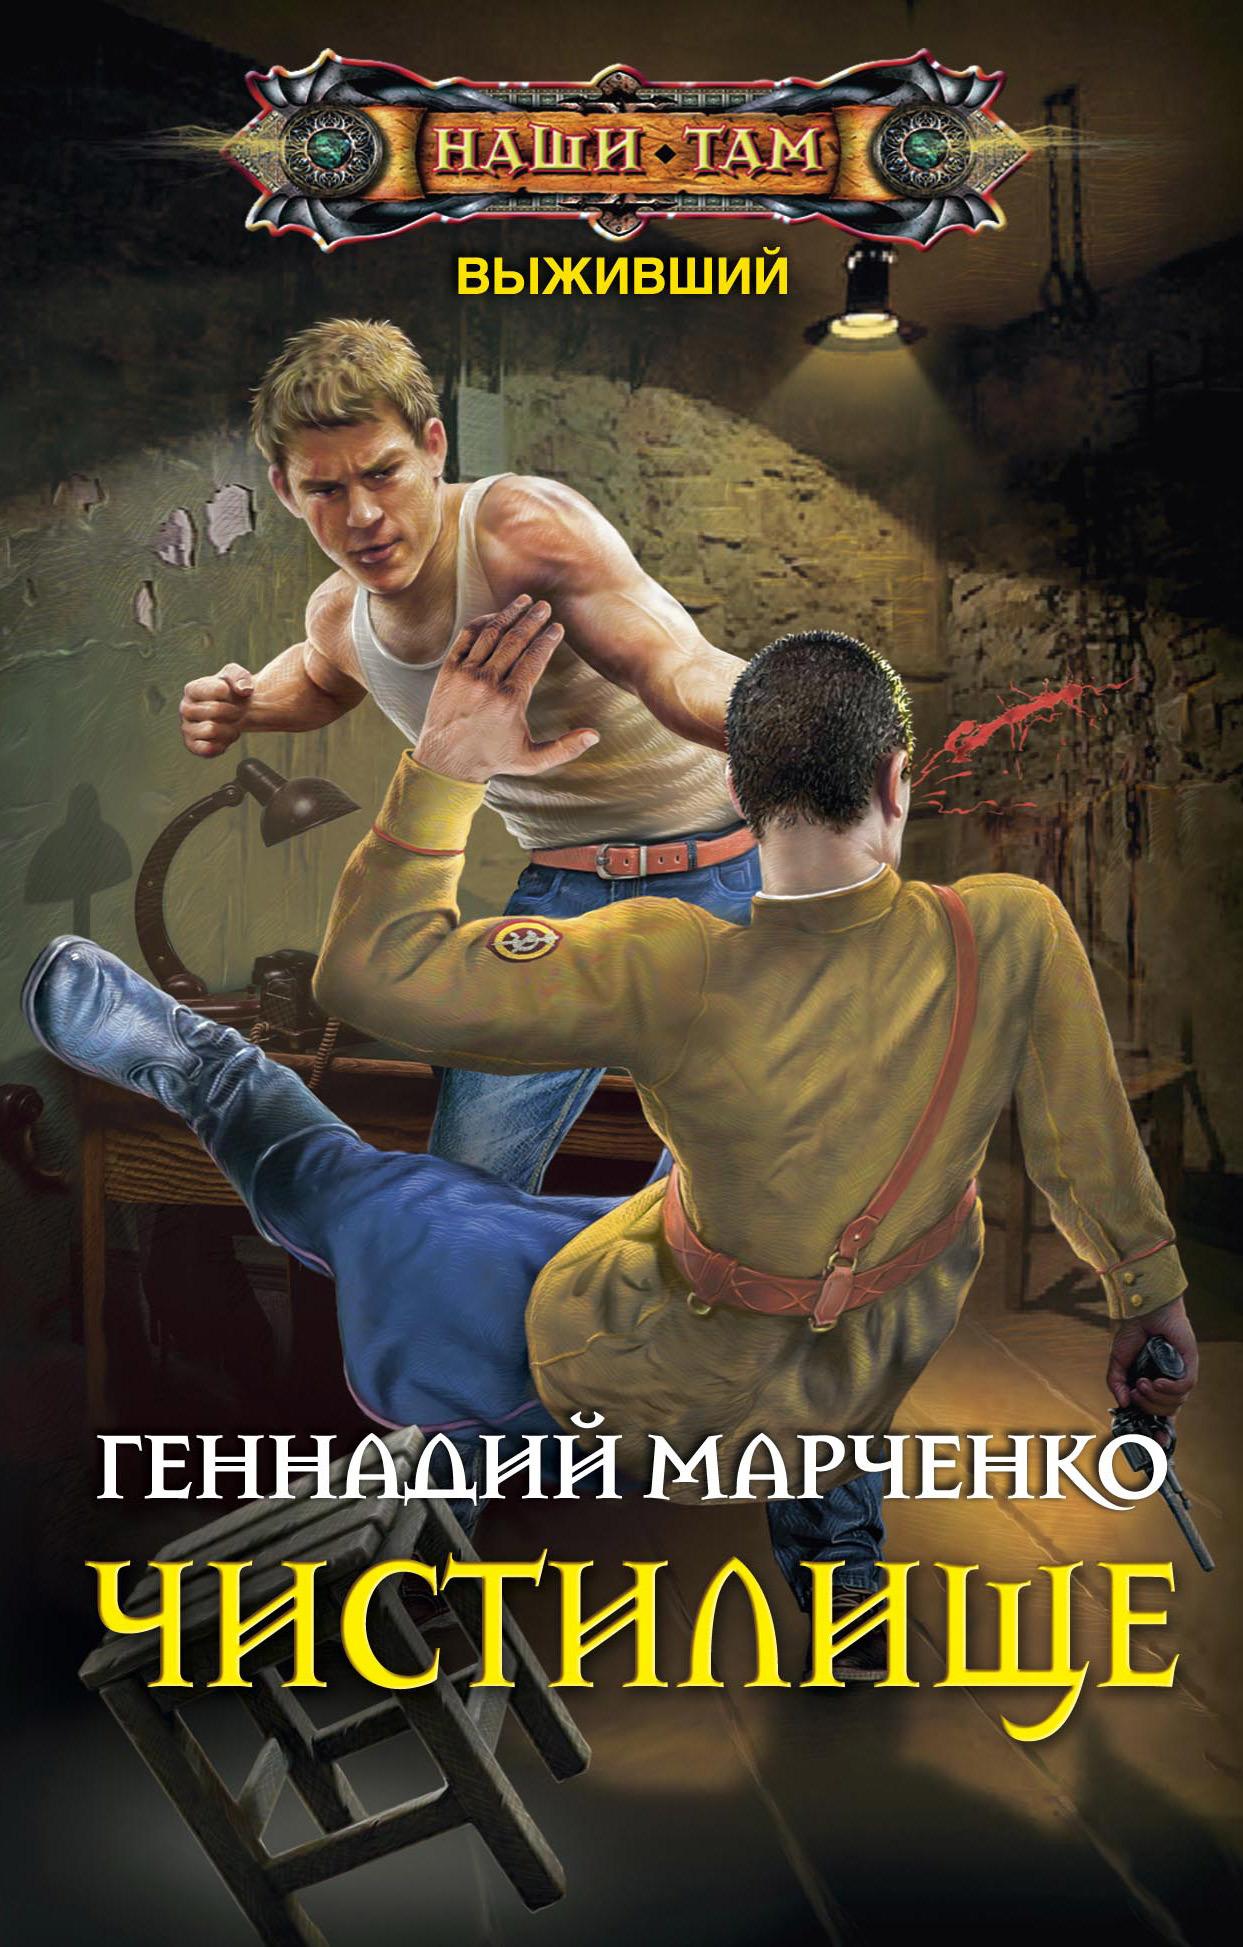 Марченко: Победы дают уверенность перед Олимпиадой